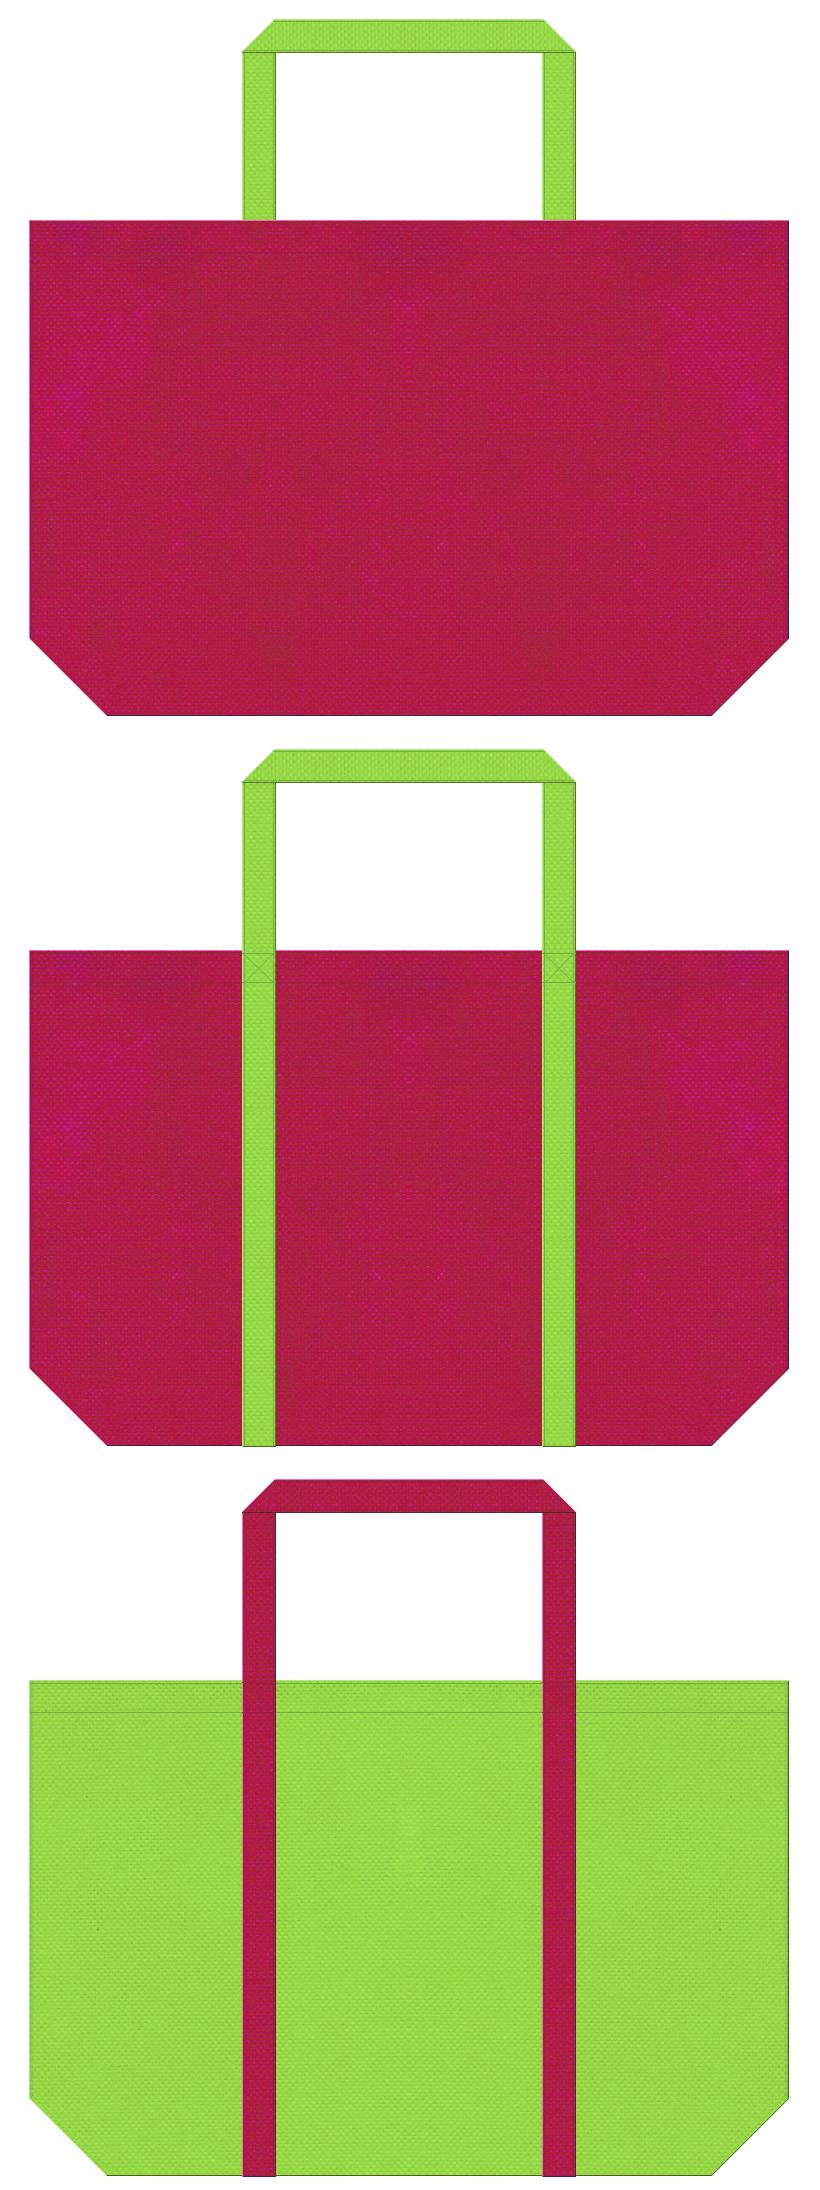 ロードレース・スポーツイベント・ドラゴンフルーツ・南国・トロピカル・カクテル・リゾート・トラベルバッグにお奨めの不織布バッグデザイン:濃いピンク色と黄緑色のコーデ